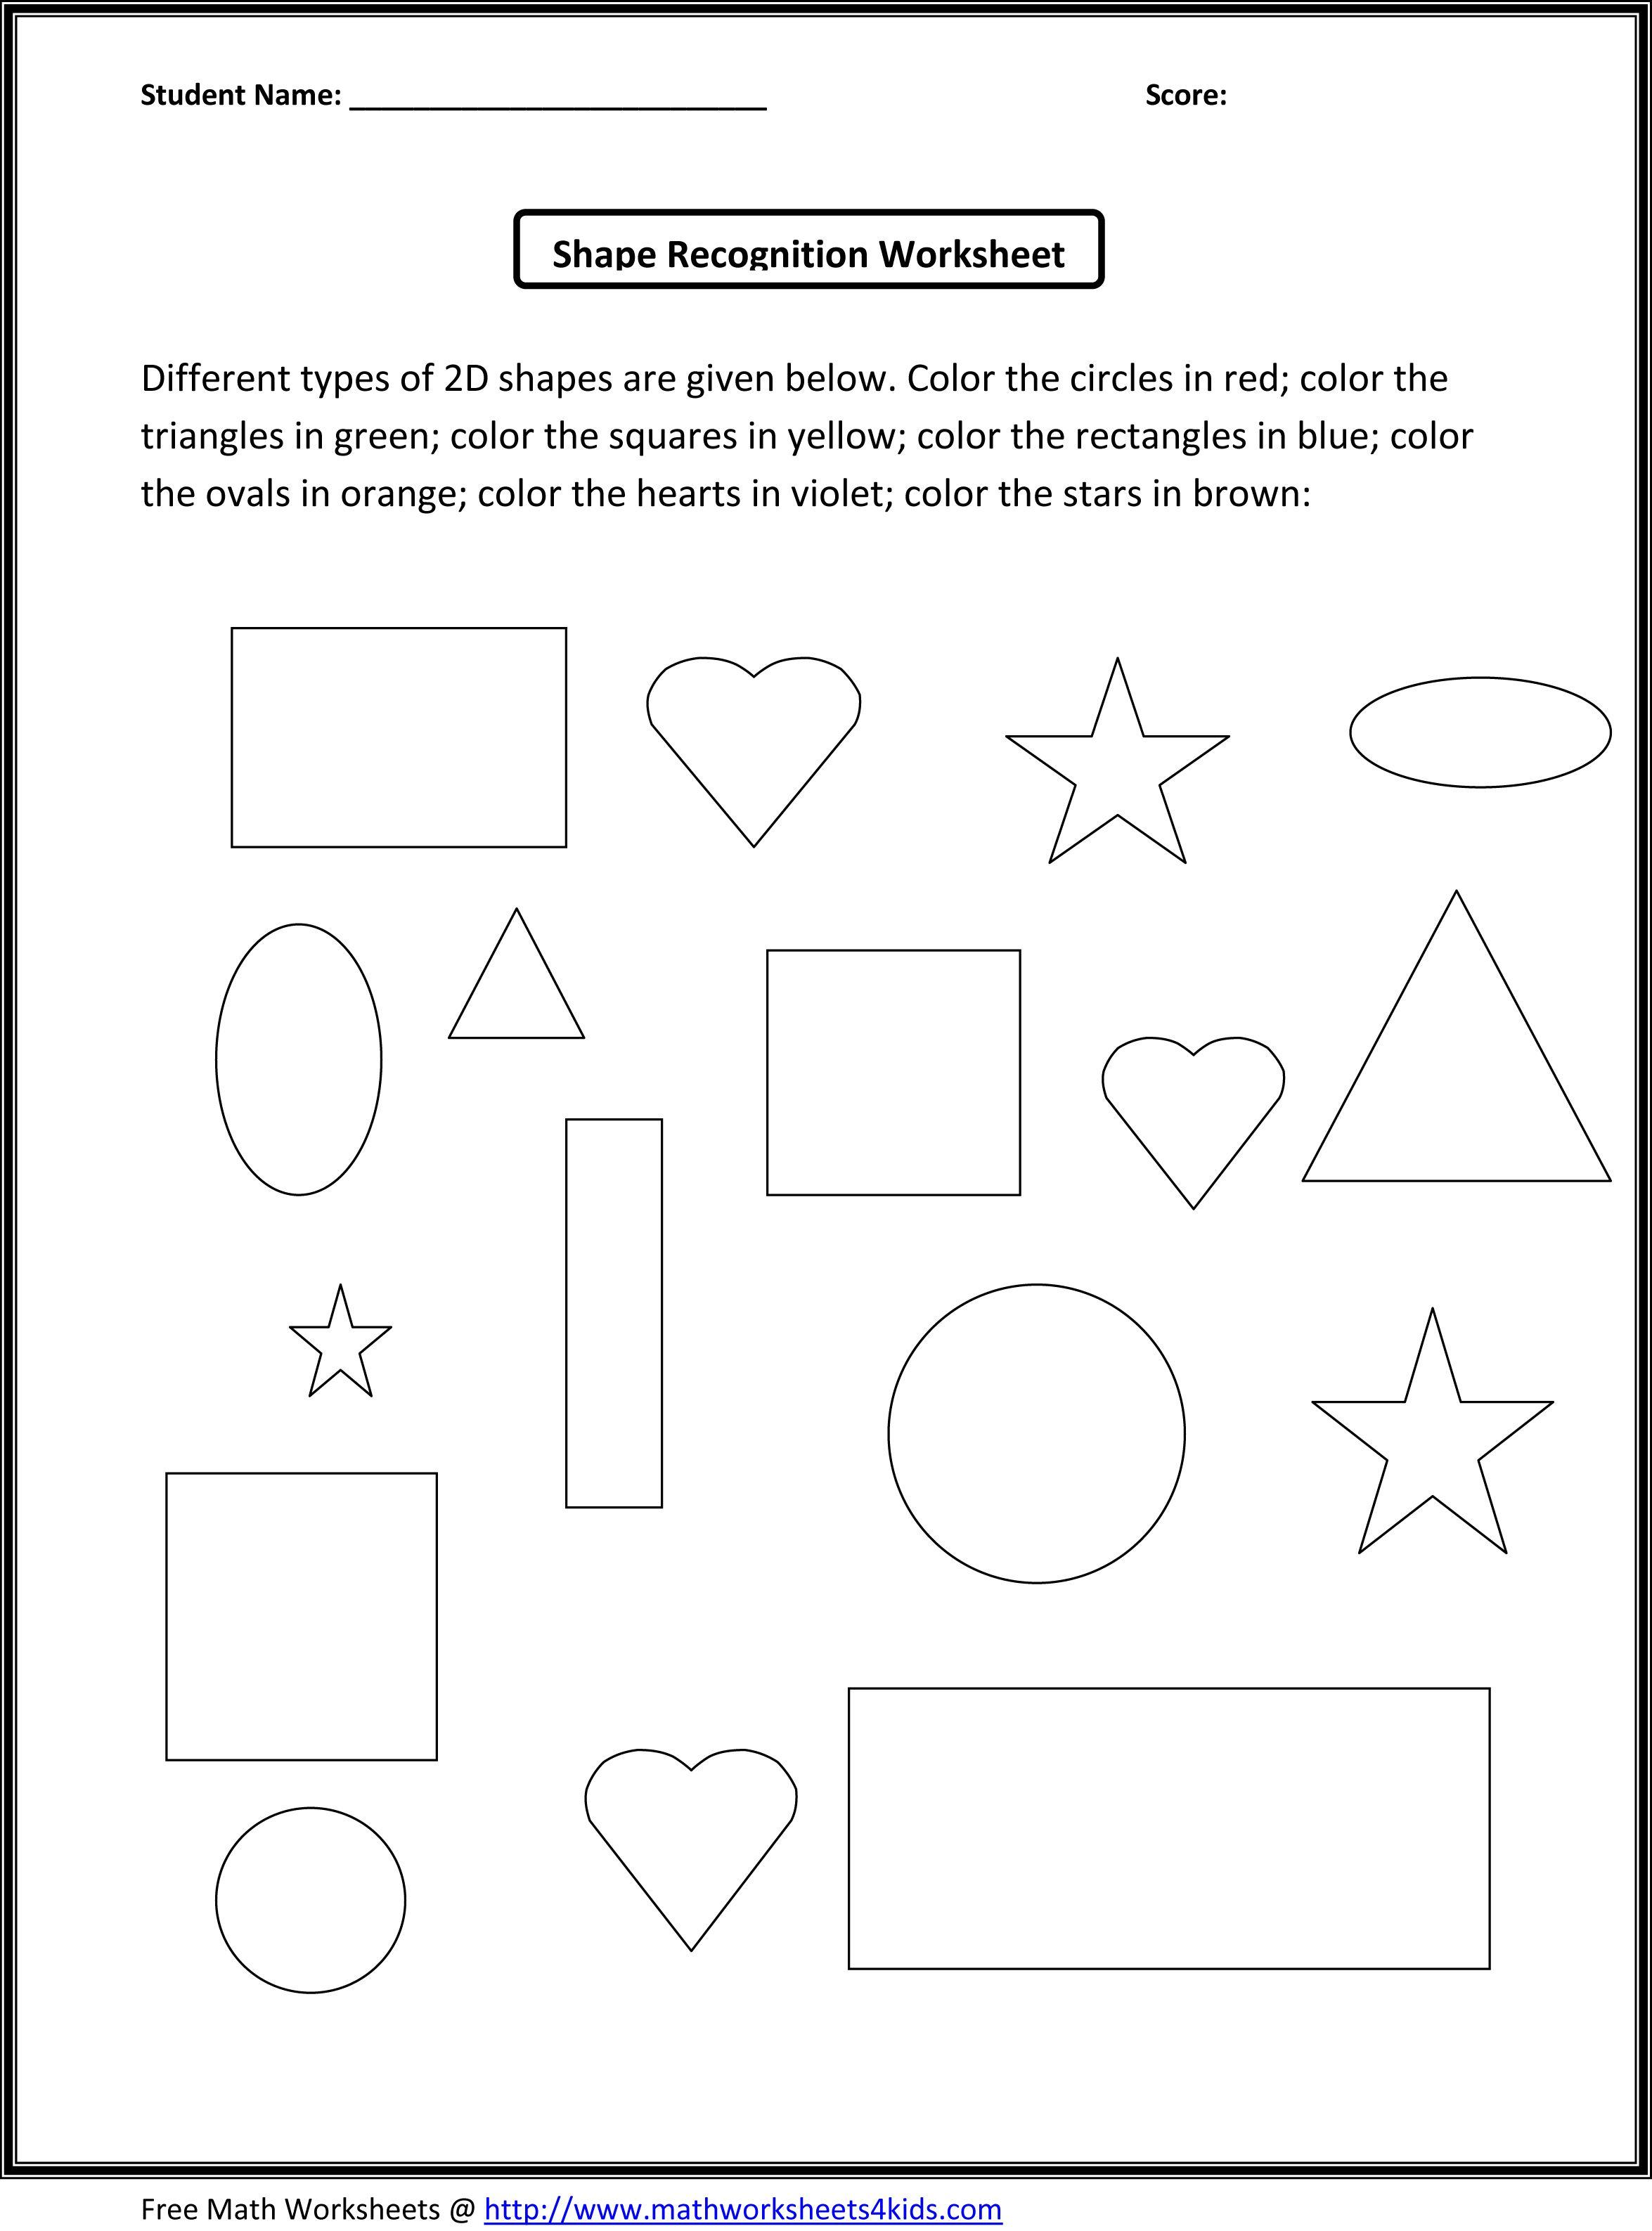 3d Shapes For Kids Worksheets cakepins.com   Shape worksheets for  preschool [ 3174 x 2350 Pixel ]